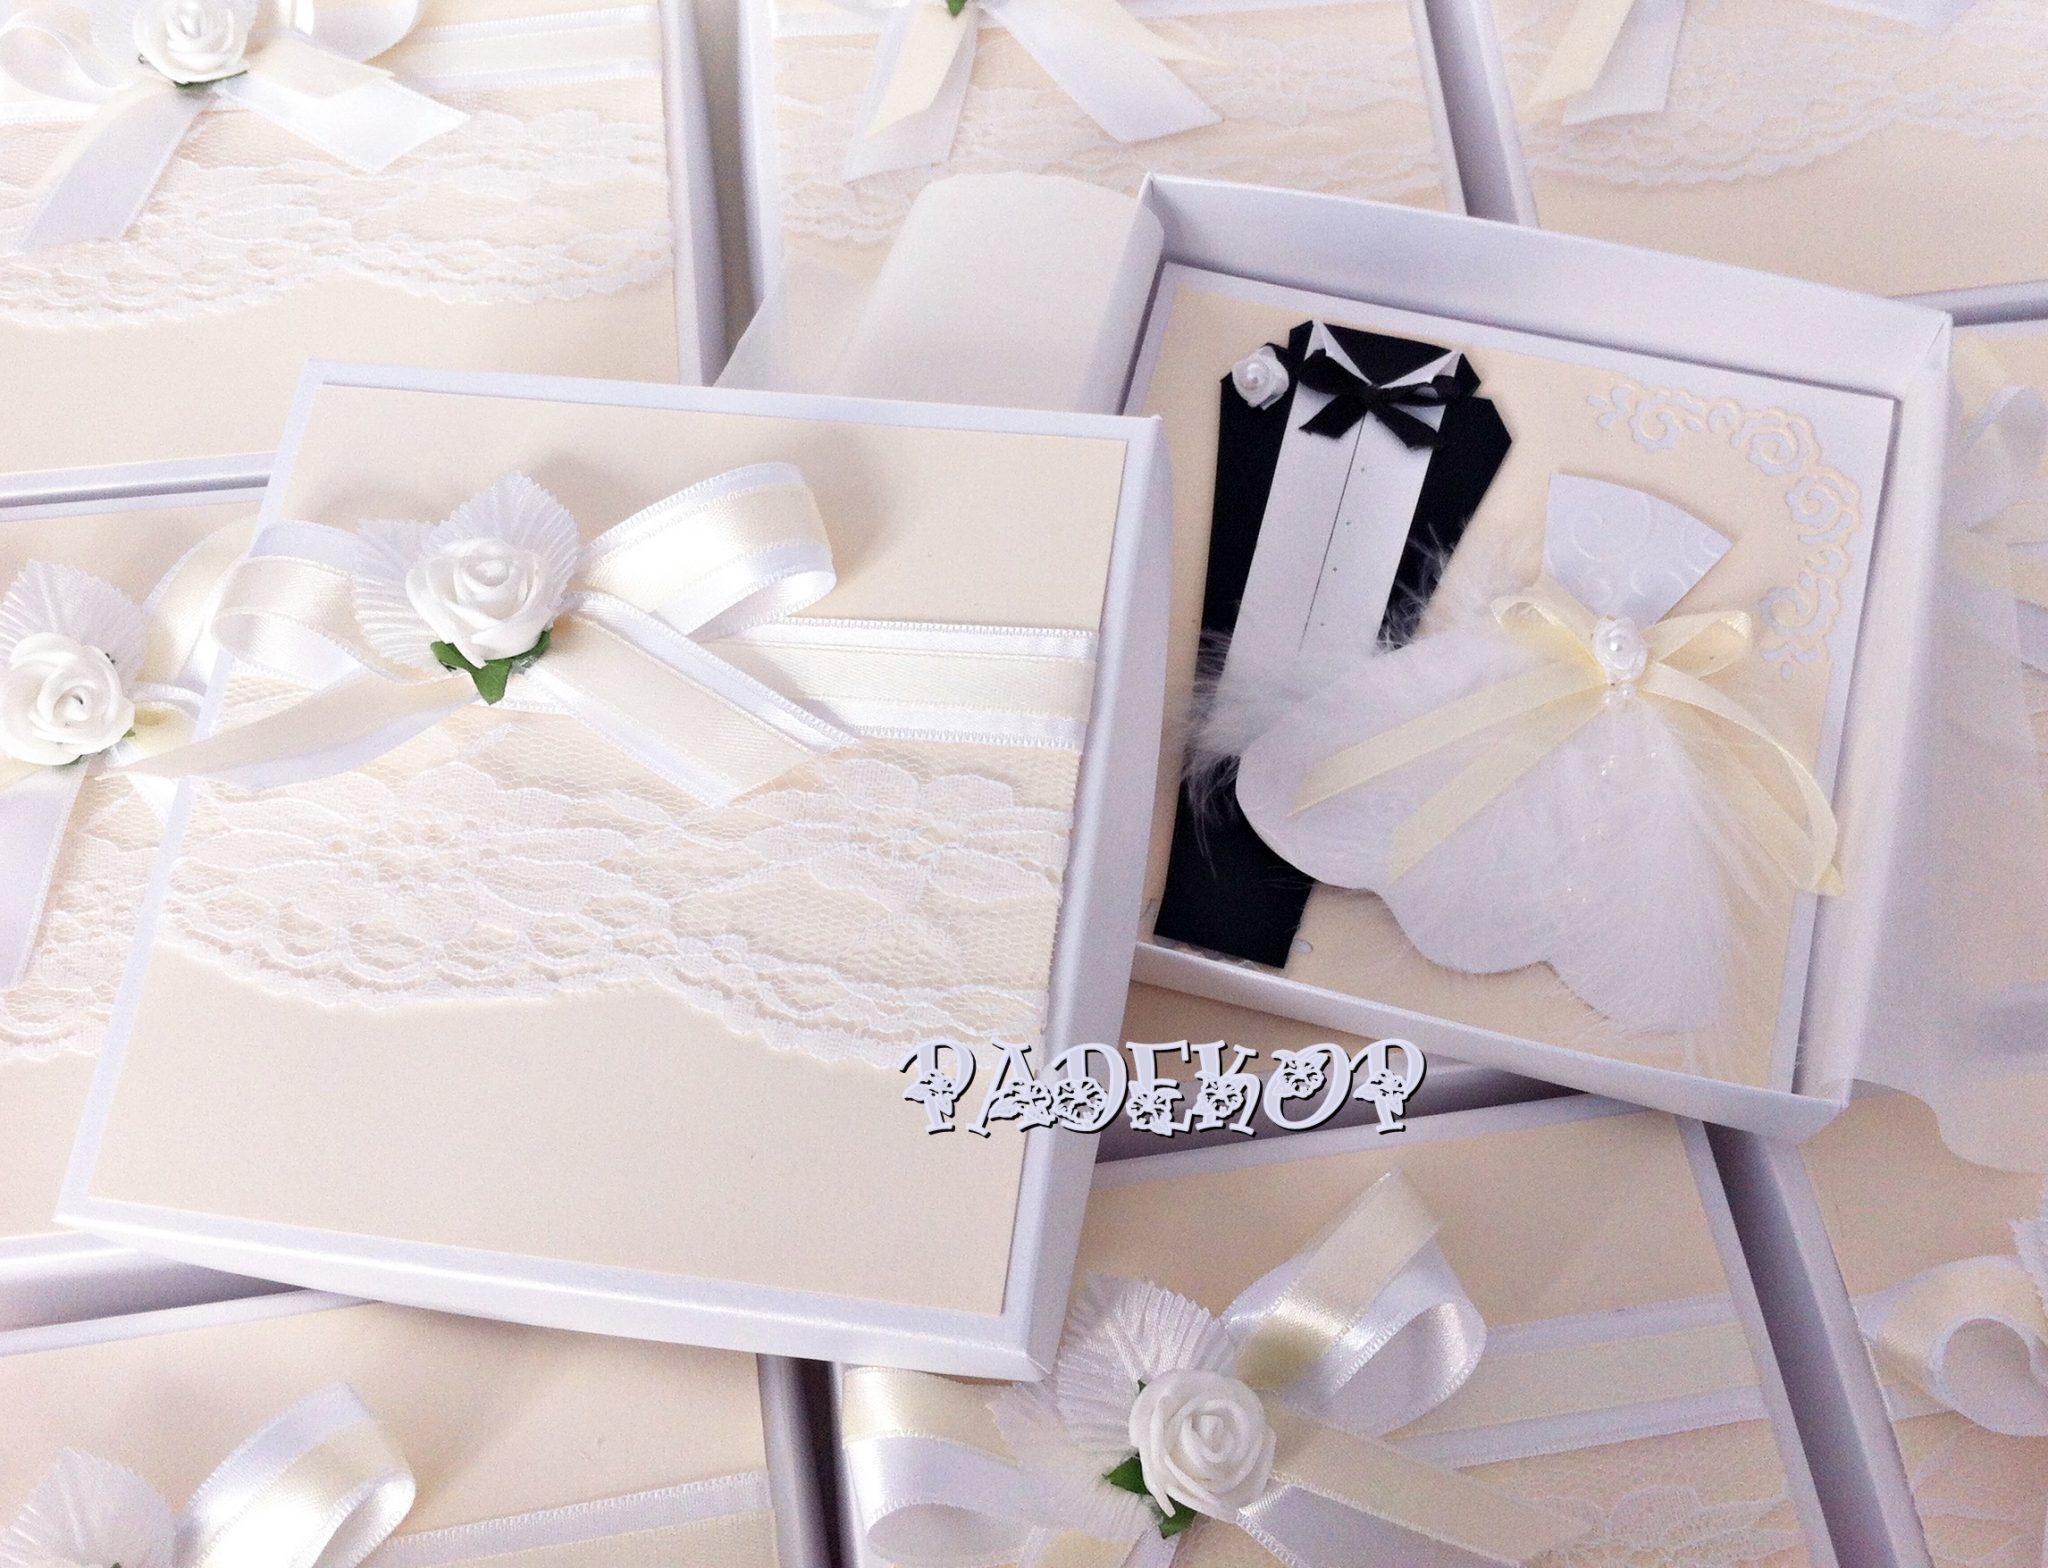 Сватбена покана Младоженци с кутия. Покана за кумове и родители.